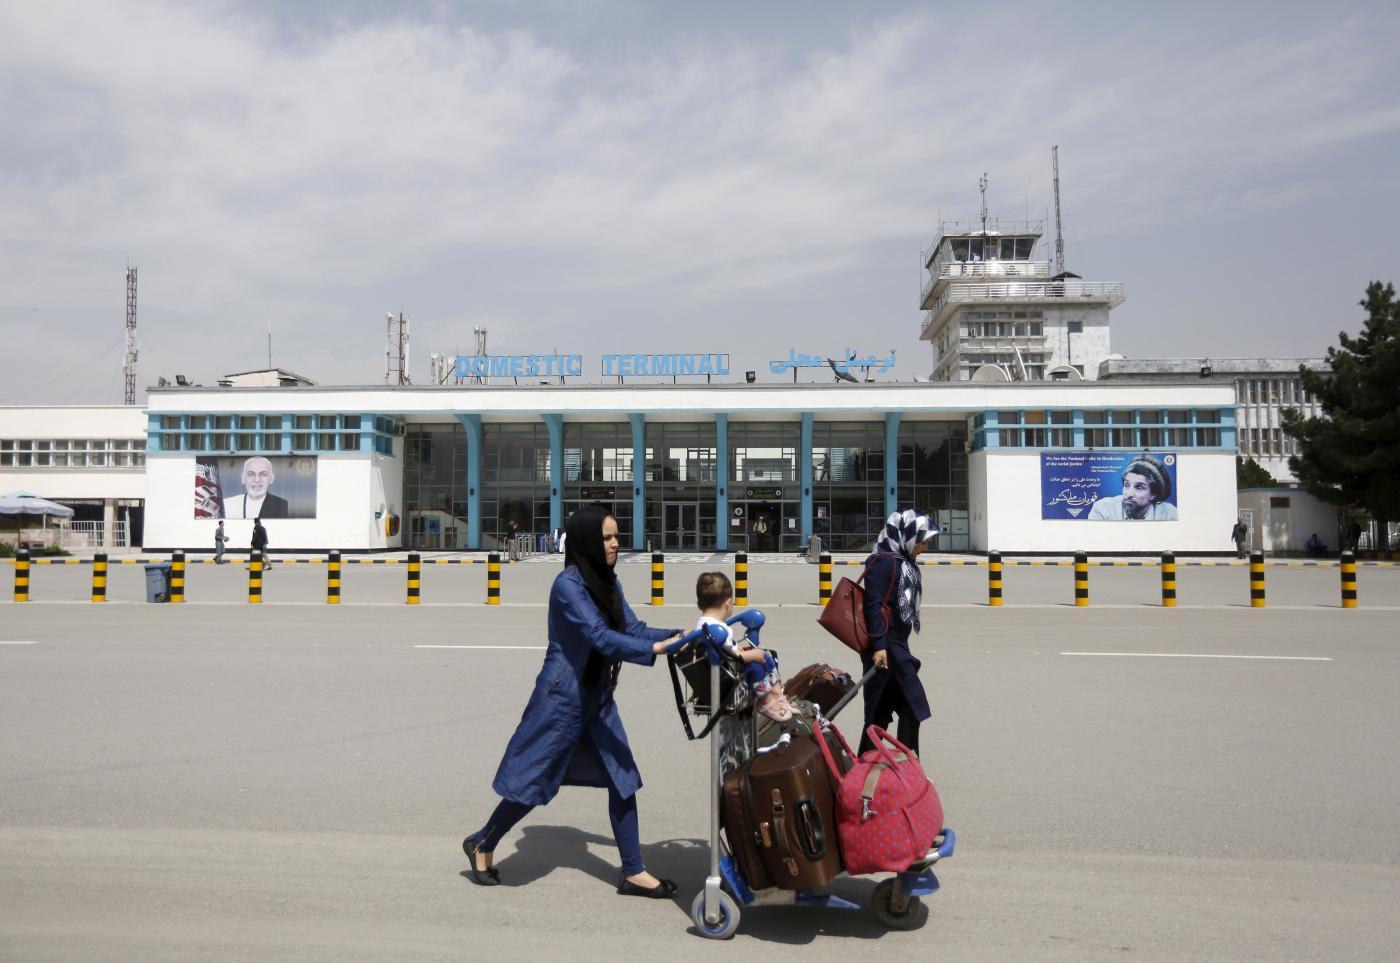 مفاوضو طالبان يتوجهون الى القصر الرئاسي في كابول لإجراء ترتيبات تسليم السلطة